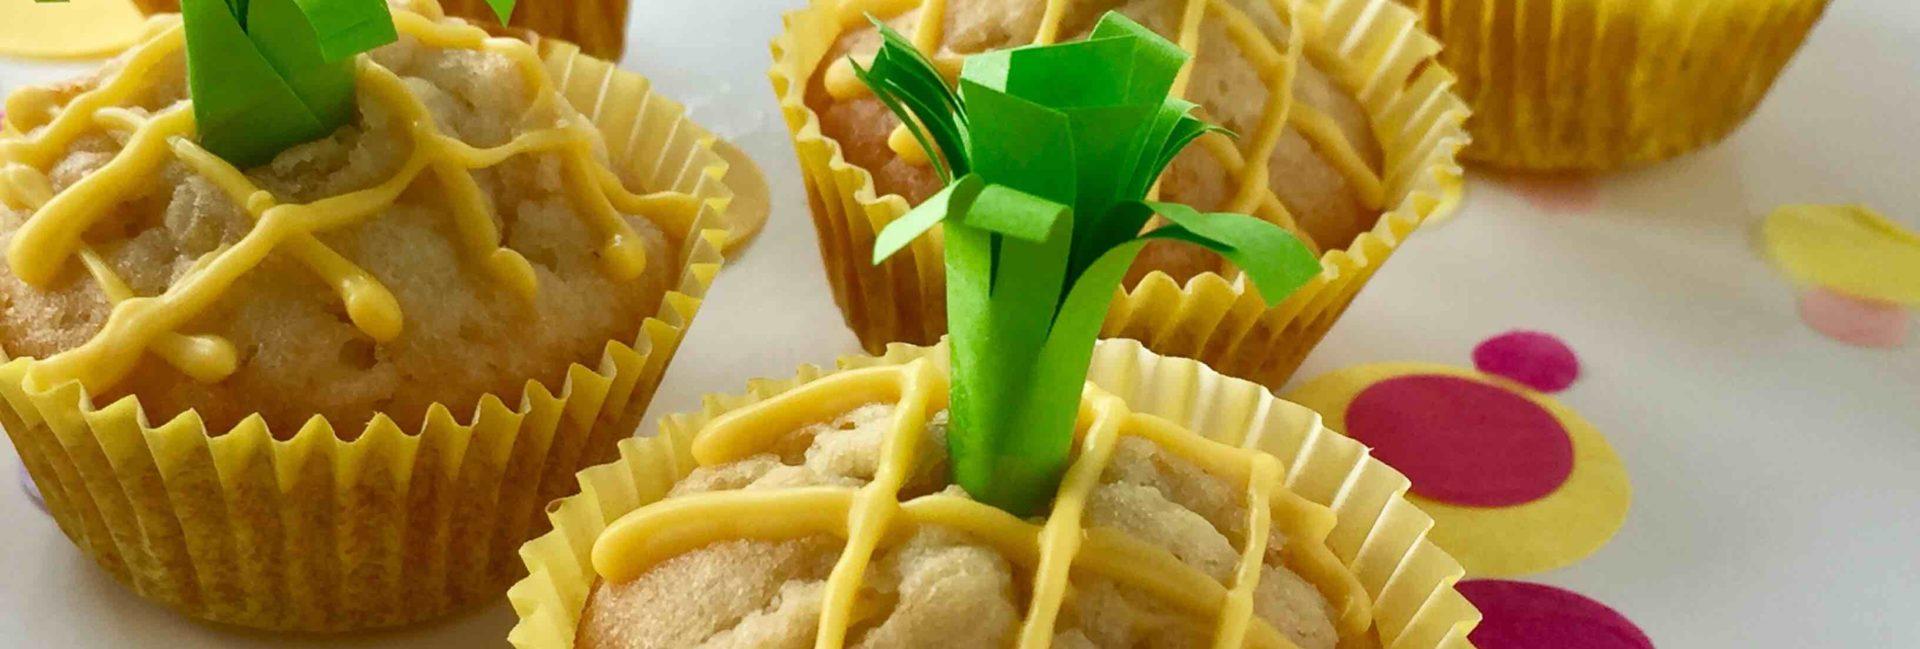 Kleine Mini Muffins für als Fingerfood für den nächsten Kindergeburtstag